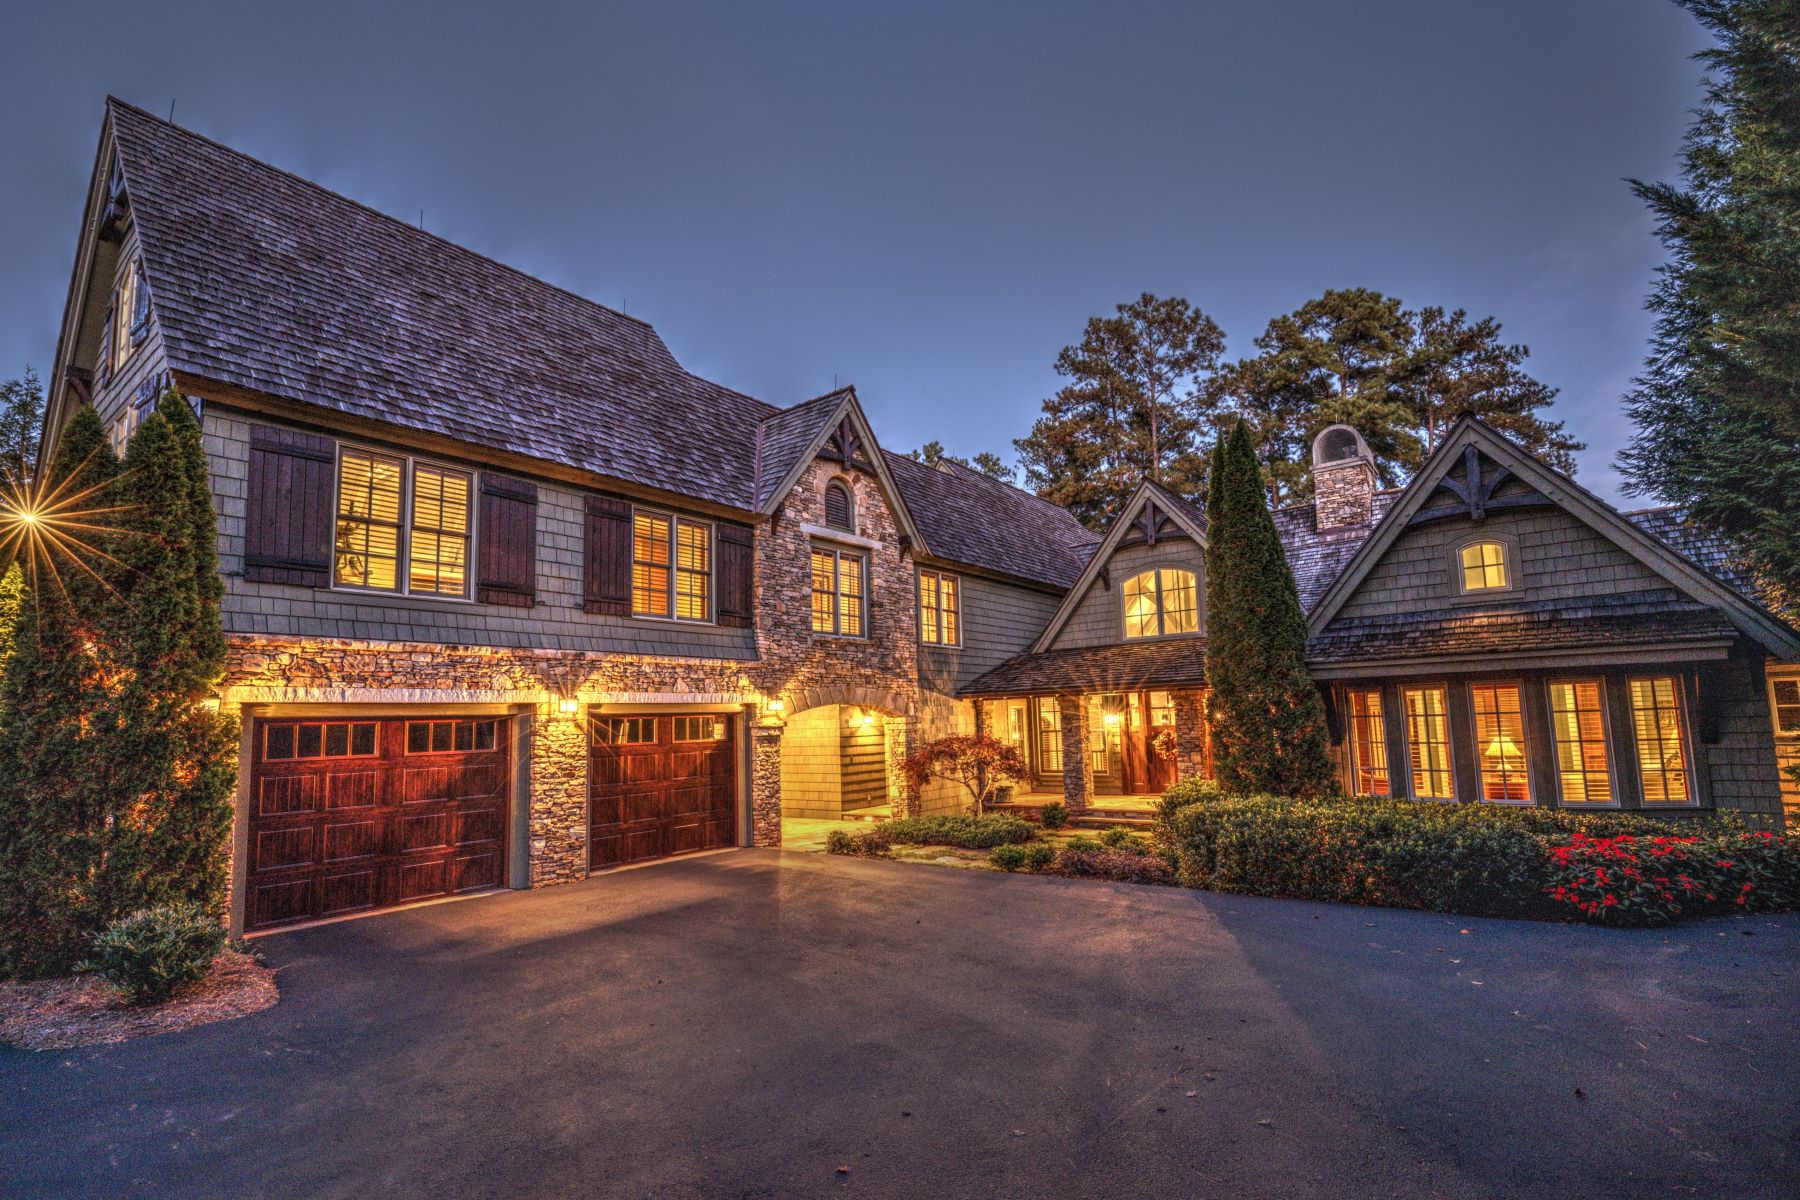 Частный односемейный дом для того Продажа на Enviable Lakefront Setting 164 Northshores Drive, Seneca, Южная Каролина, 29672 Соединенные Штаты